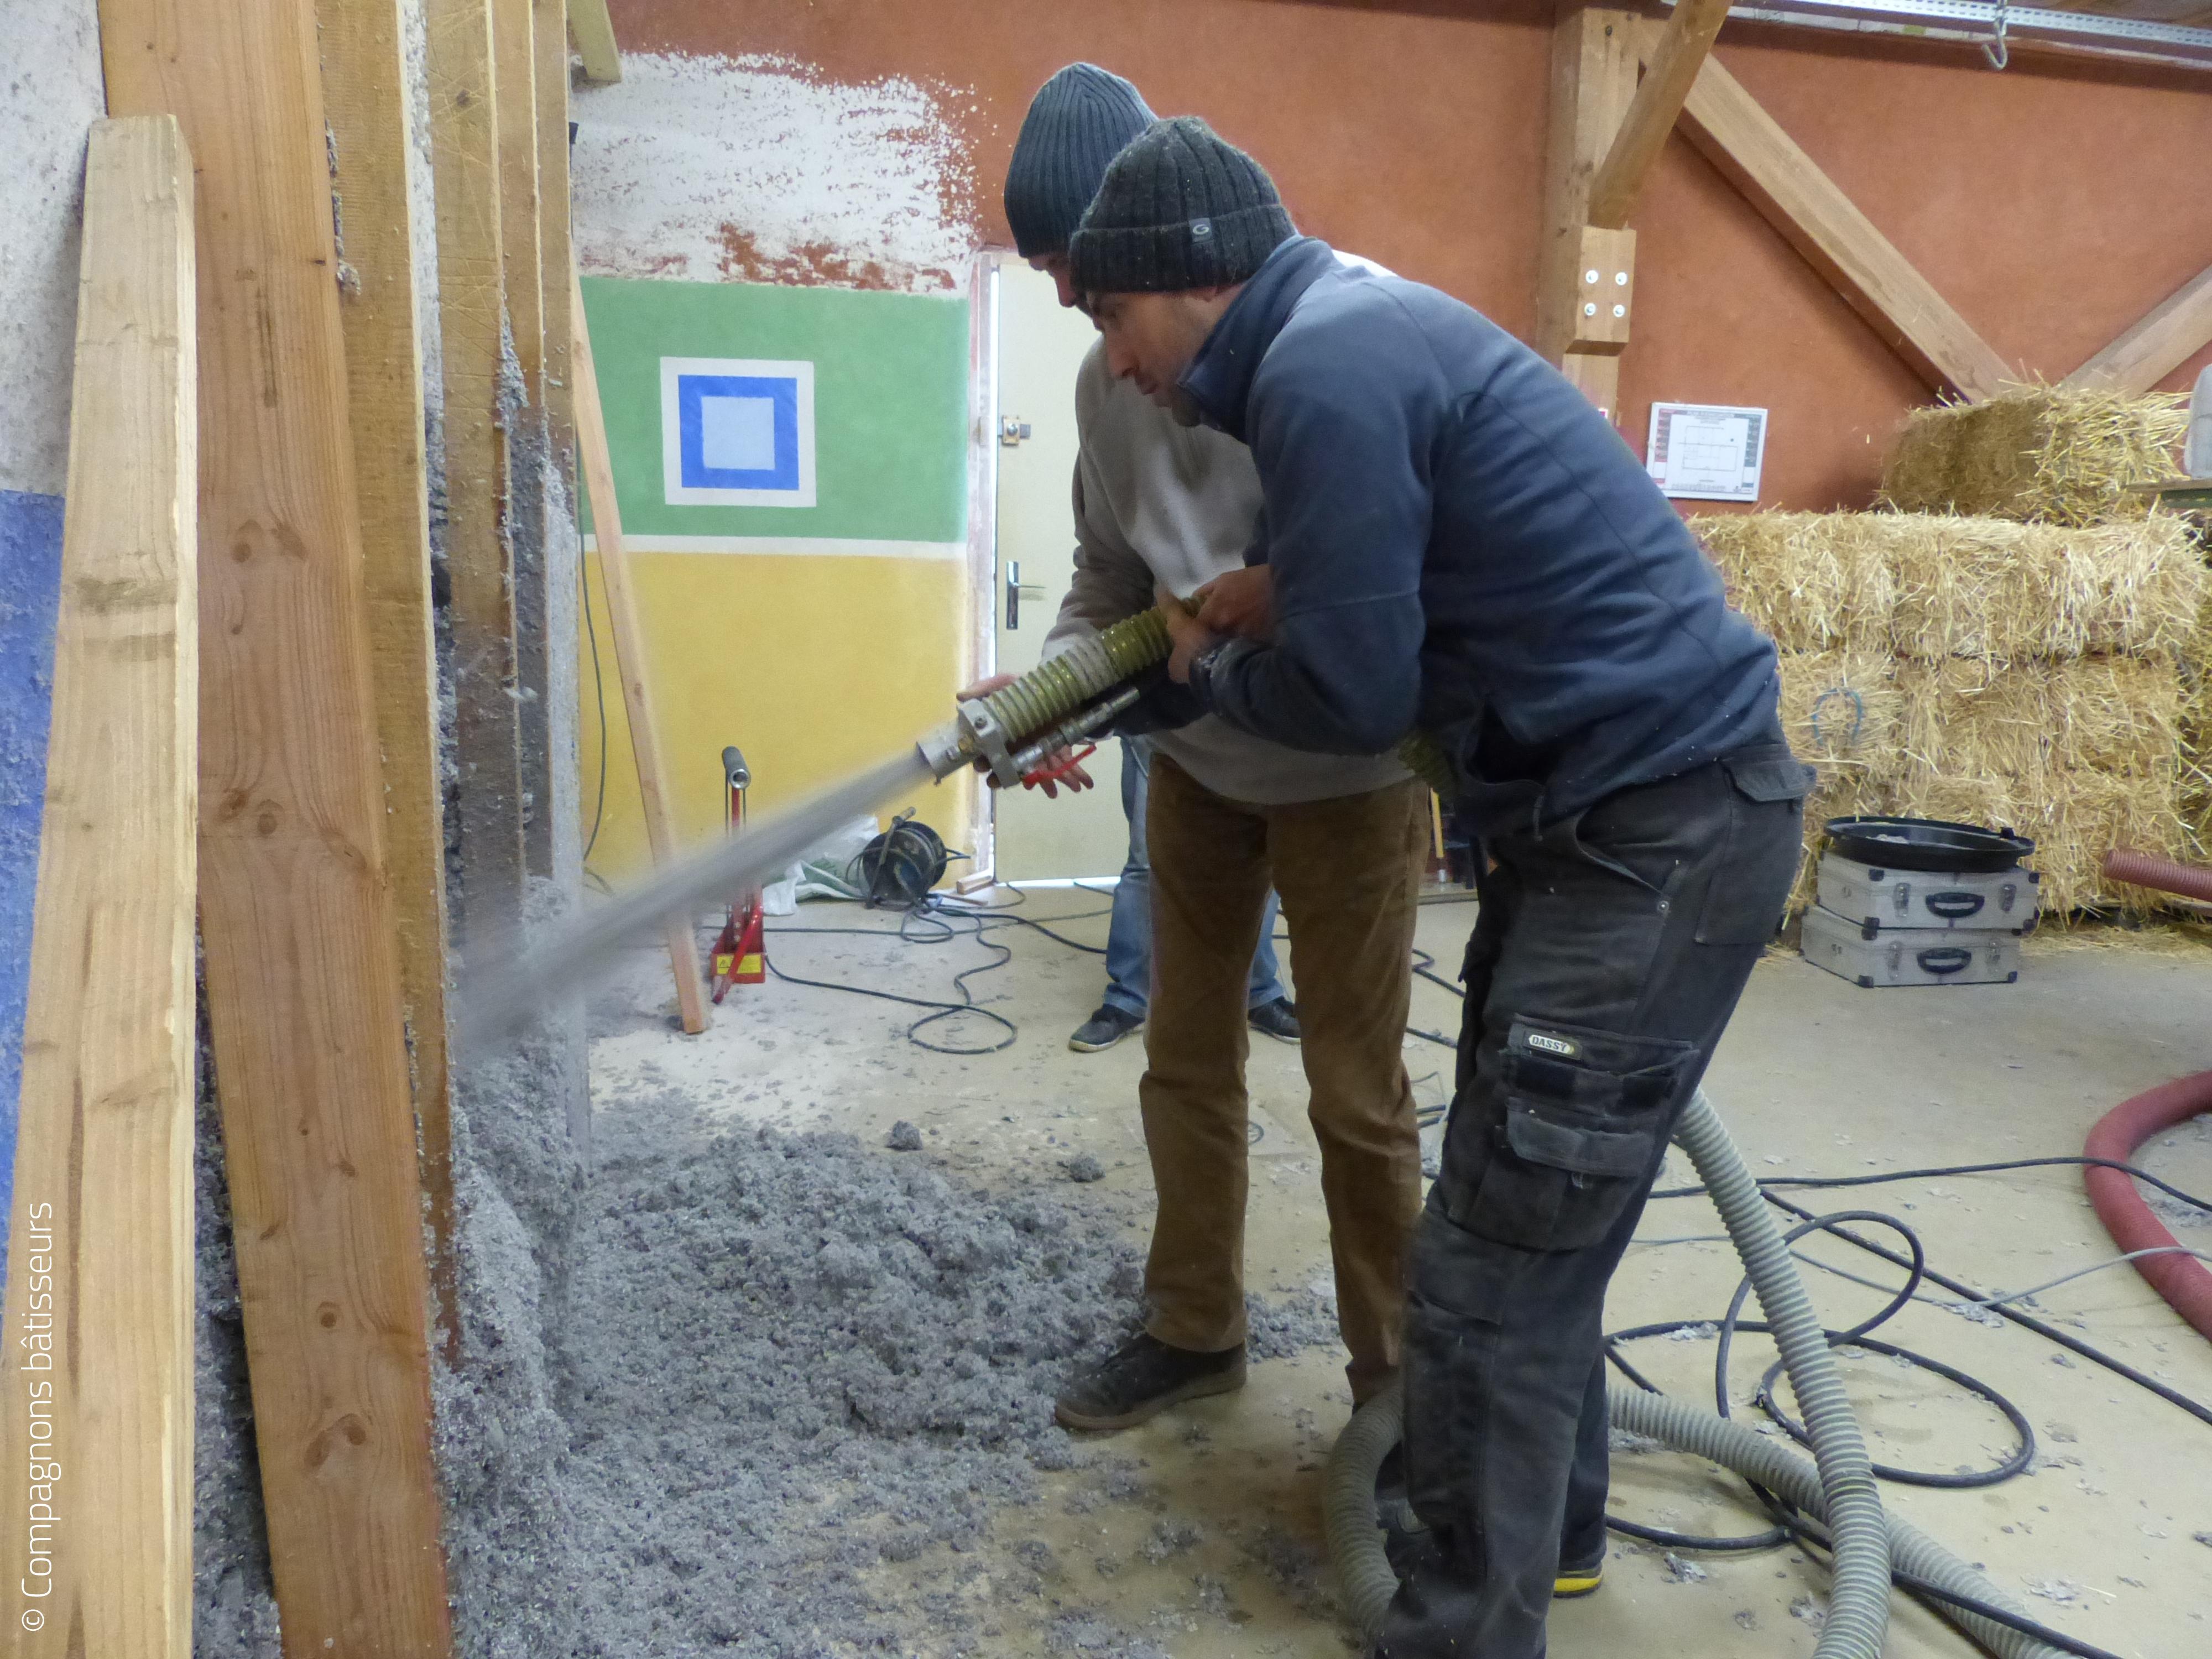 Maisons paysannes de France et les Compagnons bâtisseurs s'unissent pour l'auto-réhabilitation accompagnée